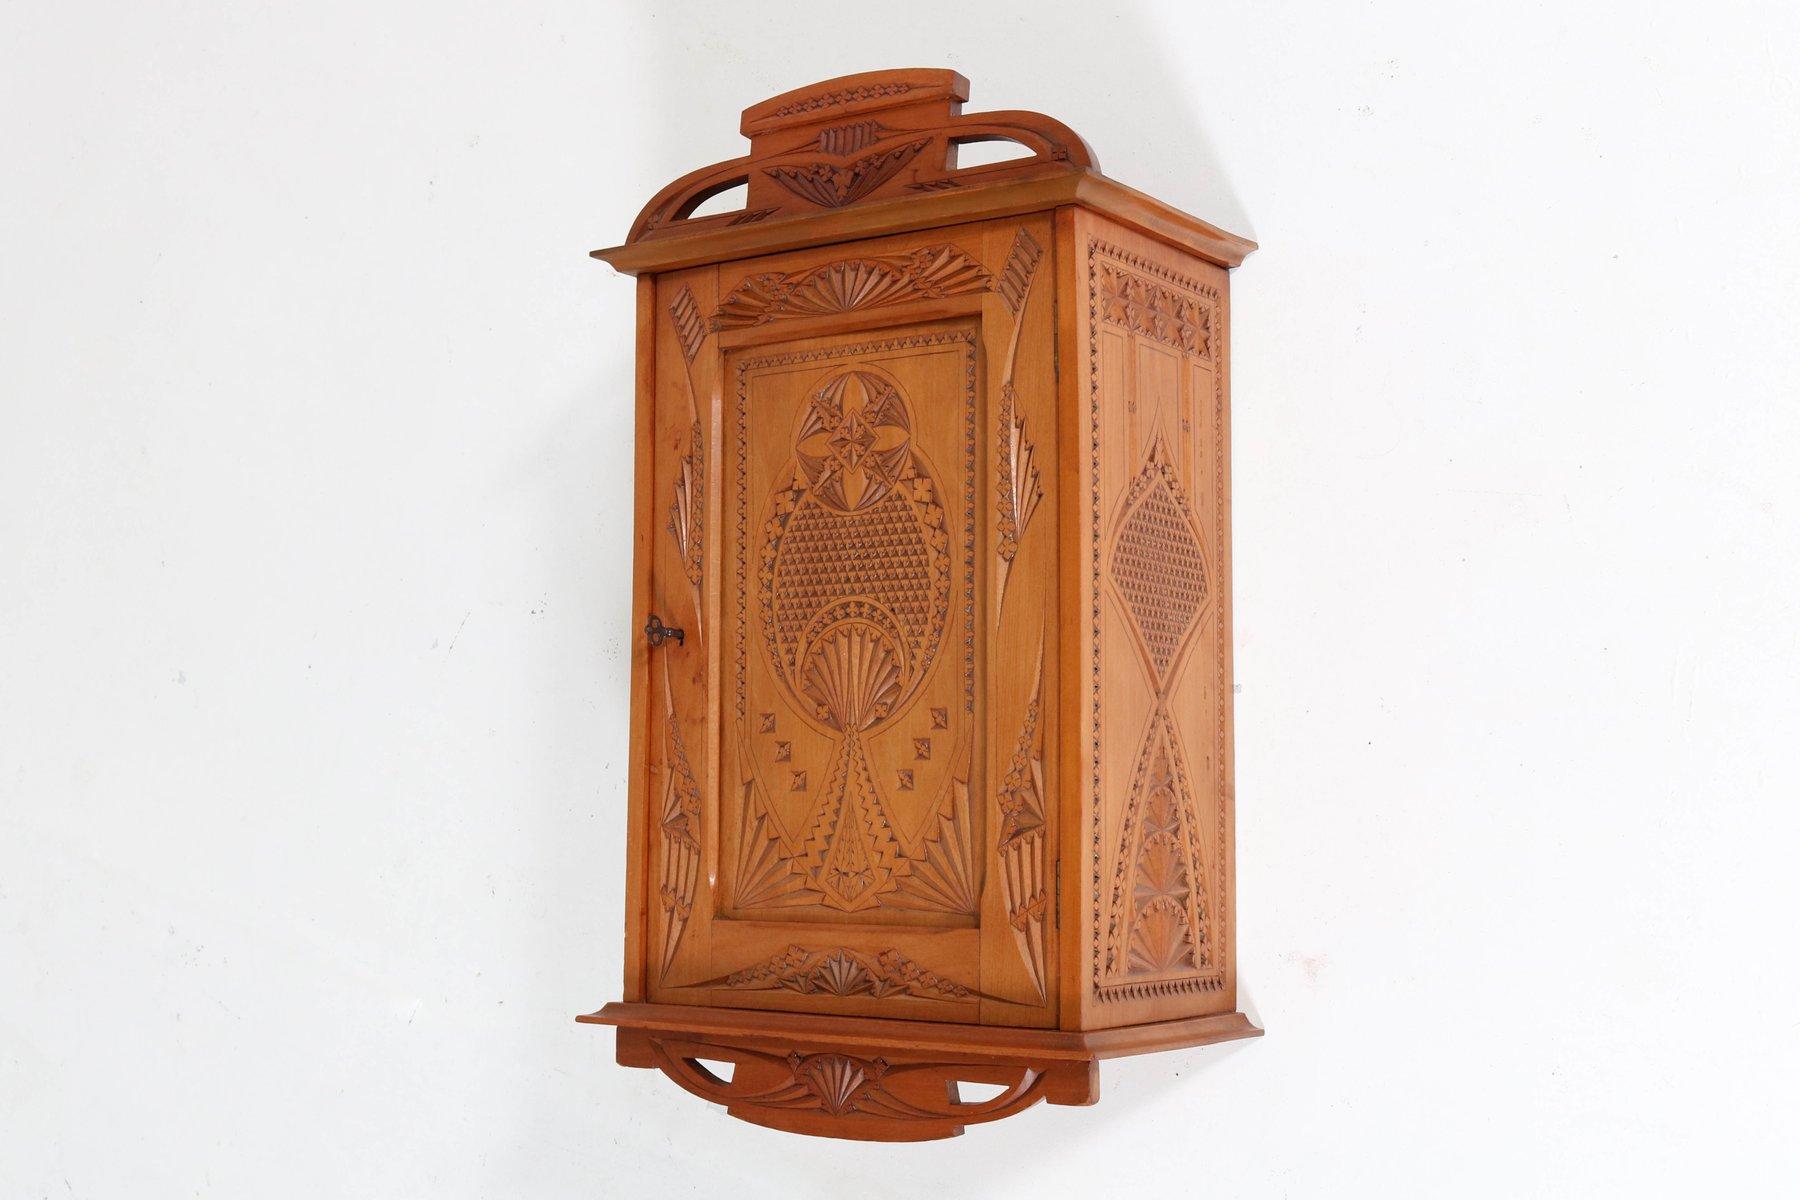 meuble mural fruitwood kerfschnitt art nouveau pays bas 1900s en vente sur pamono. Black Bedroom Furniture Sets. Home Design Ideas